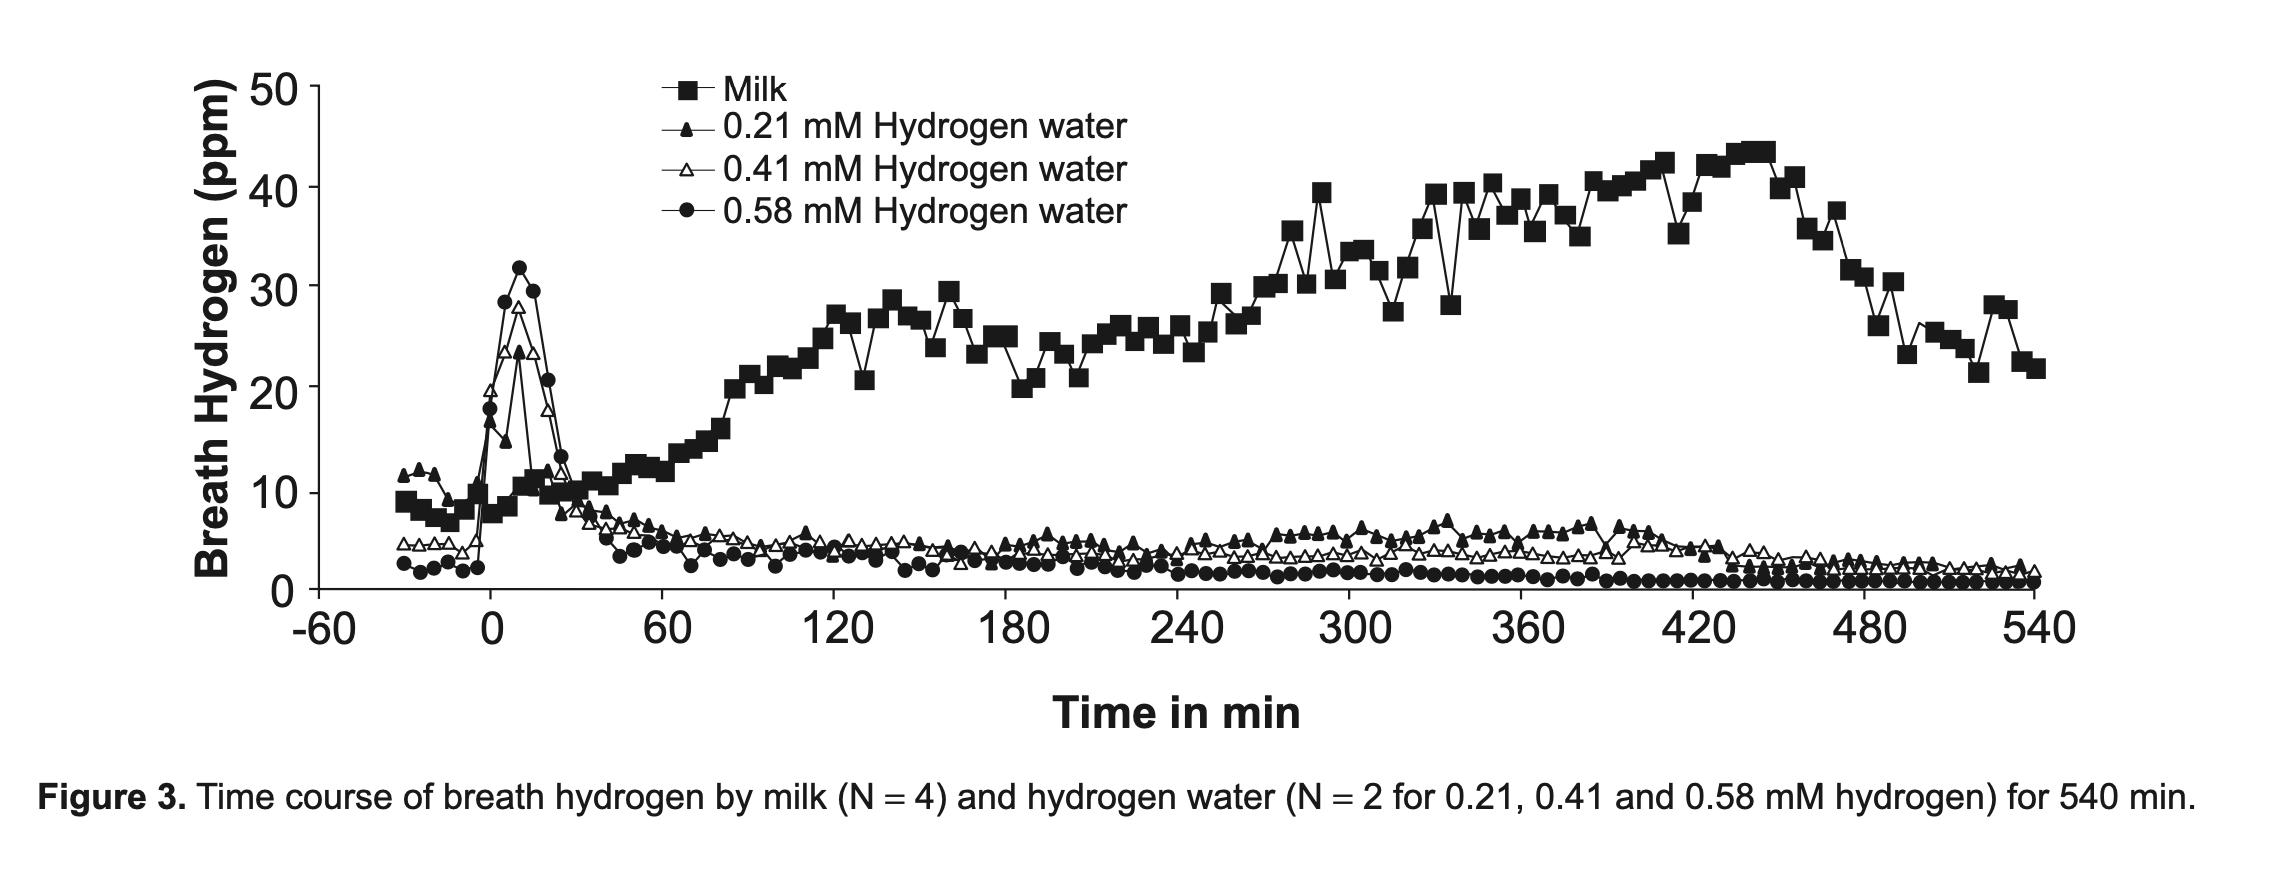 喝氫水提高呼出氣體的氫氣濃度